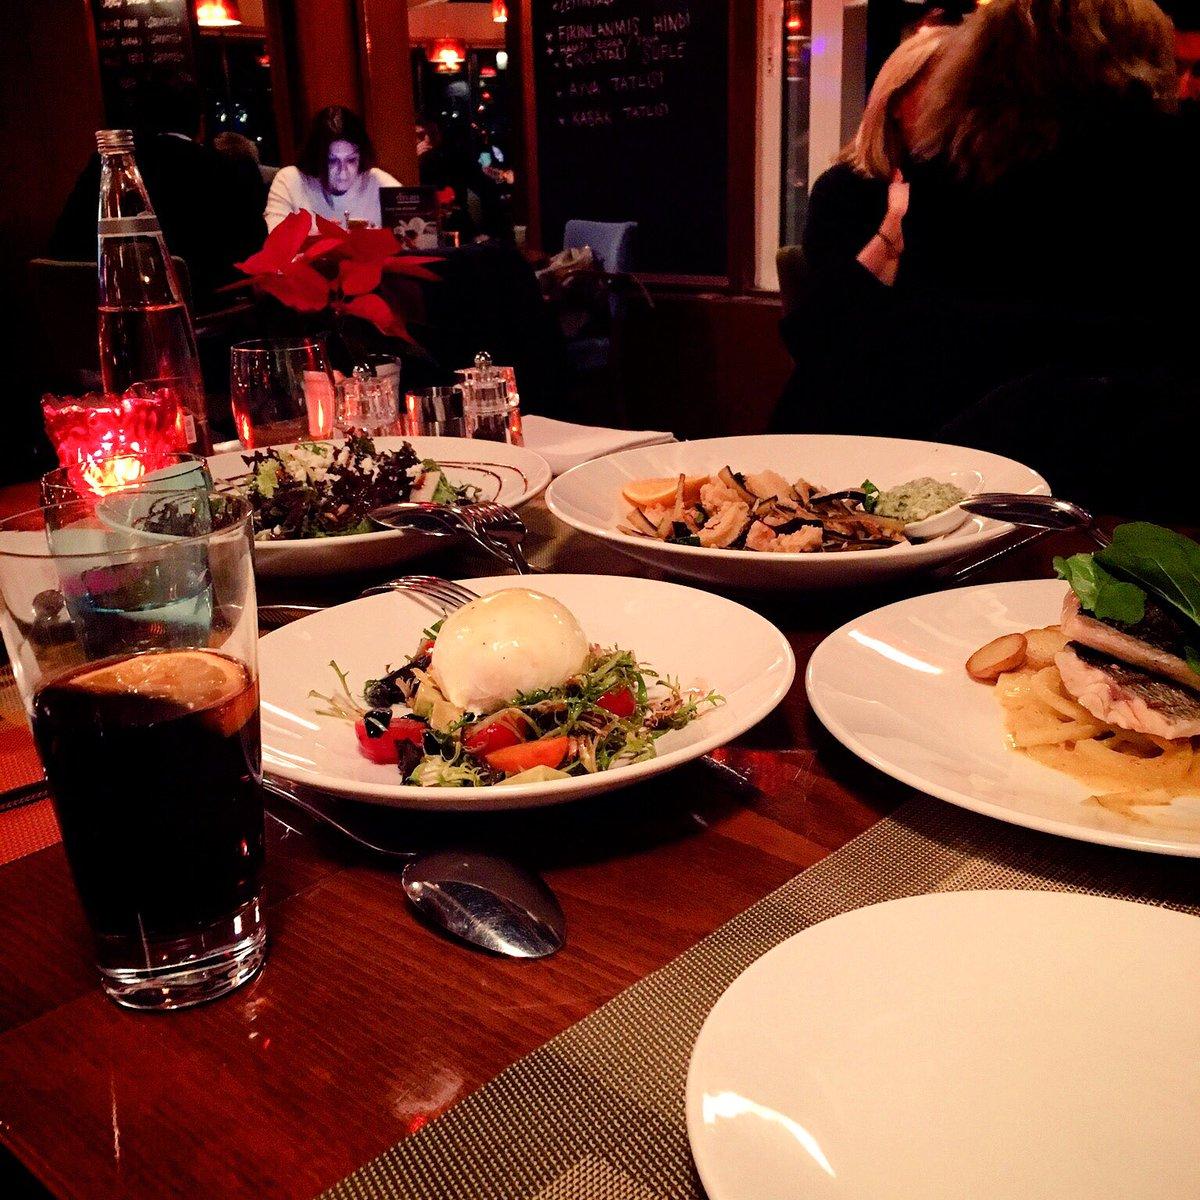 صوره عشاء فخم , اجمل صور للعشاء الفخم